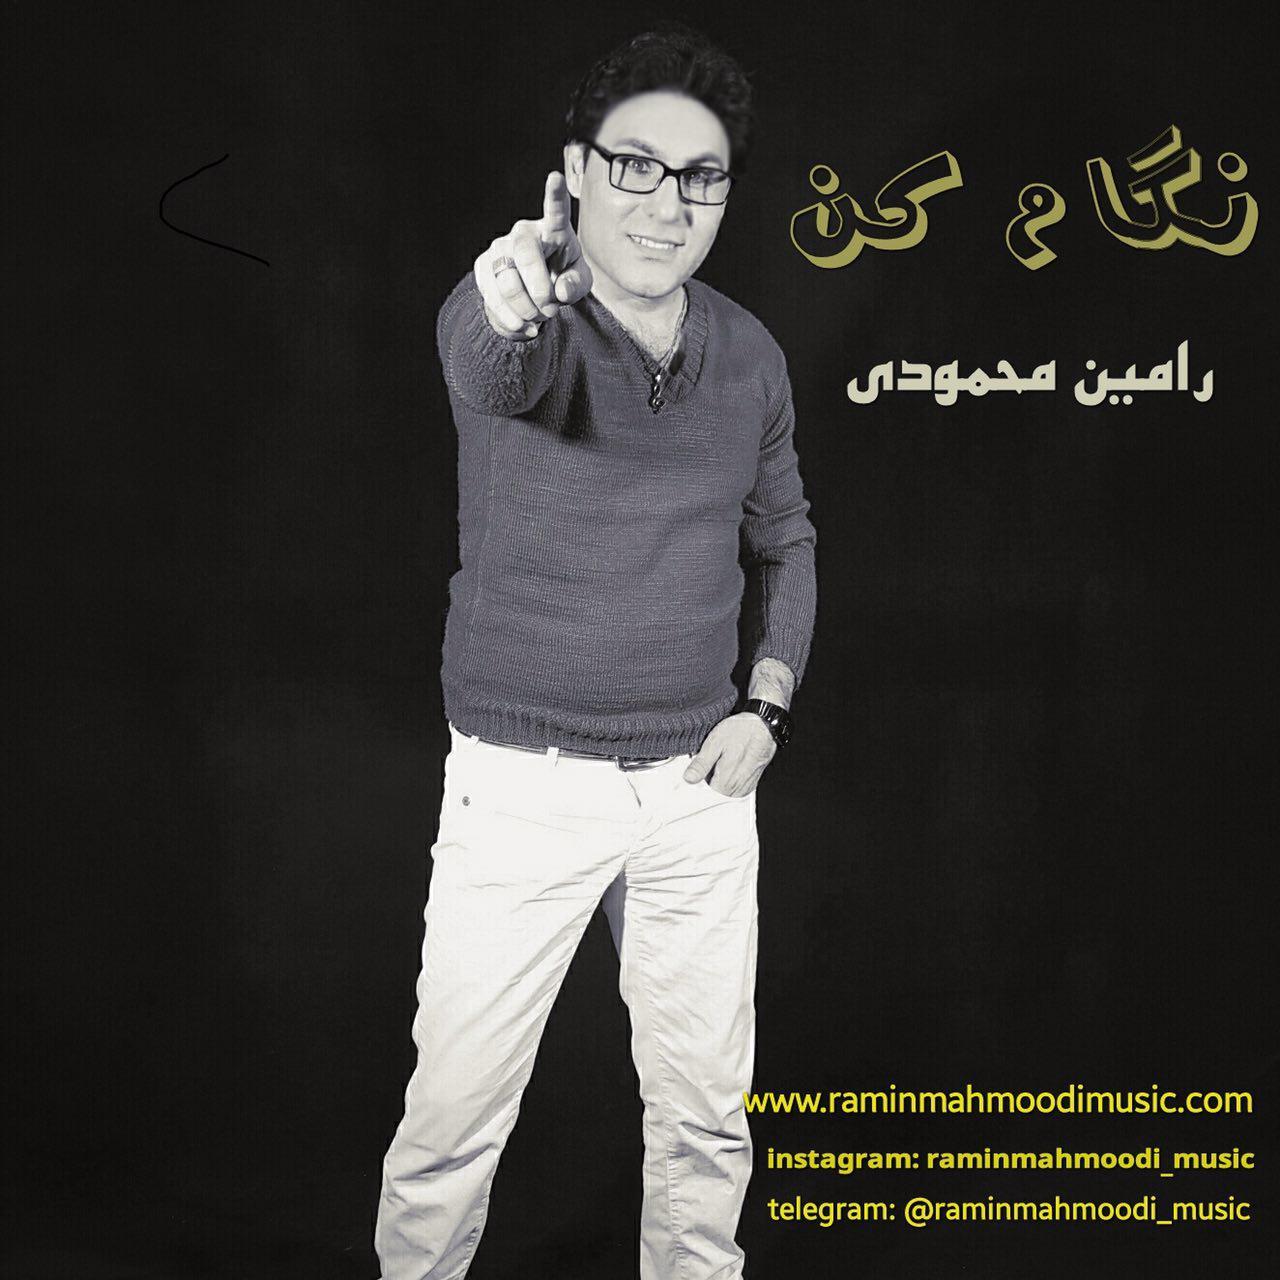 دانلود آهنگ جدید رامین محمودی بنام نگام کن